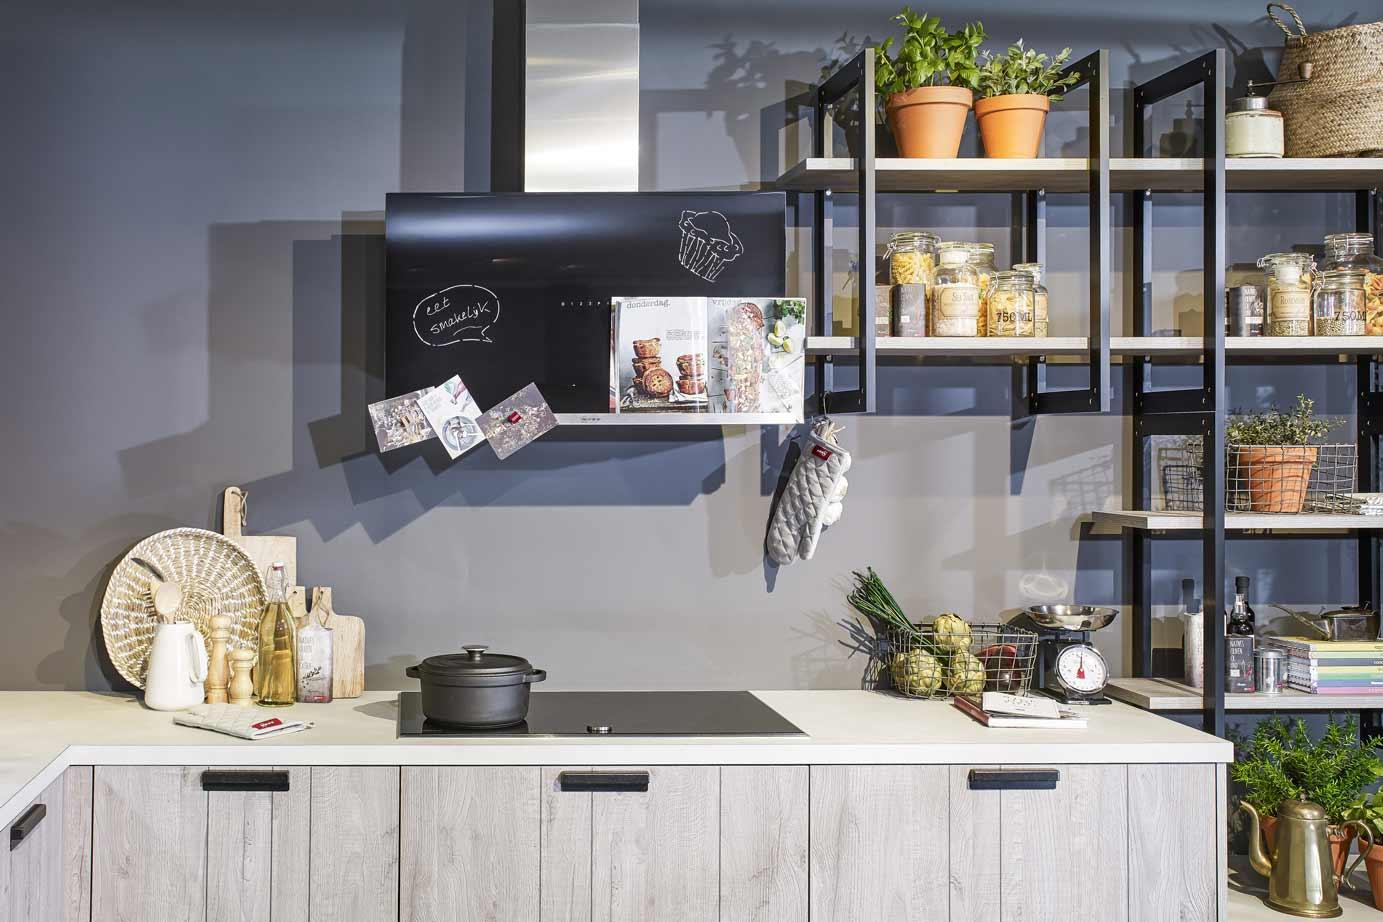 Keur Keukens Keukentegels : Keur keukens in haarlem beste keukenzaak in de randstad keur